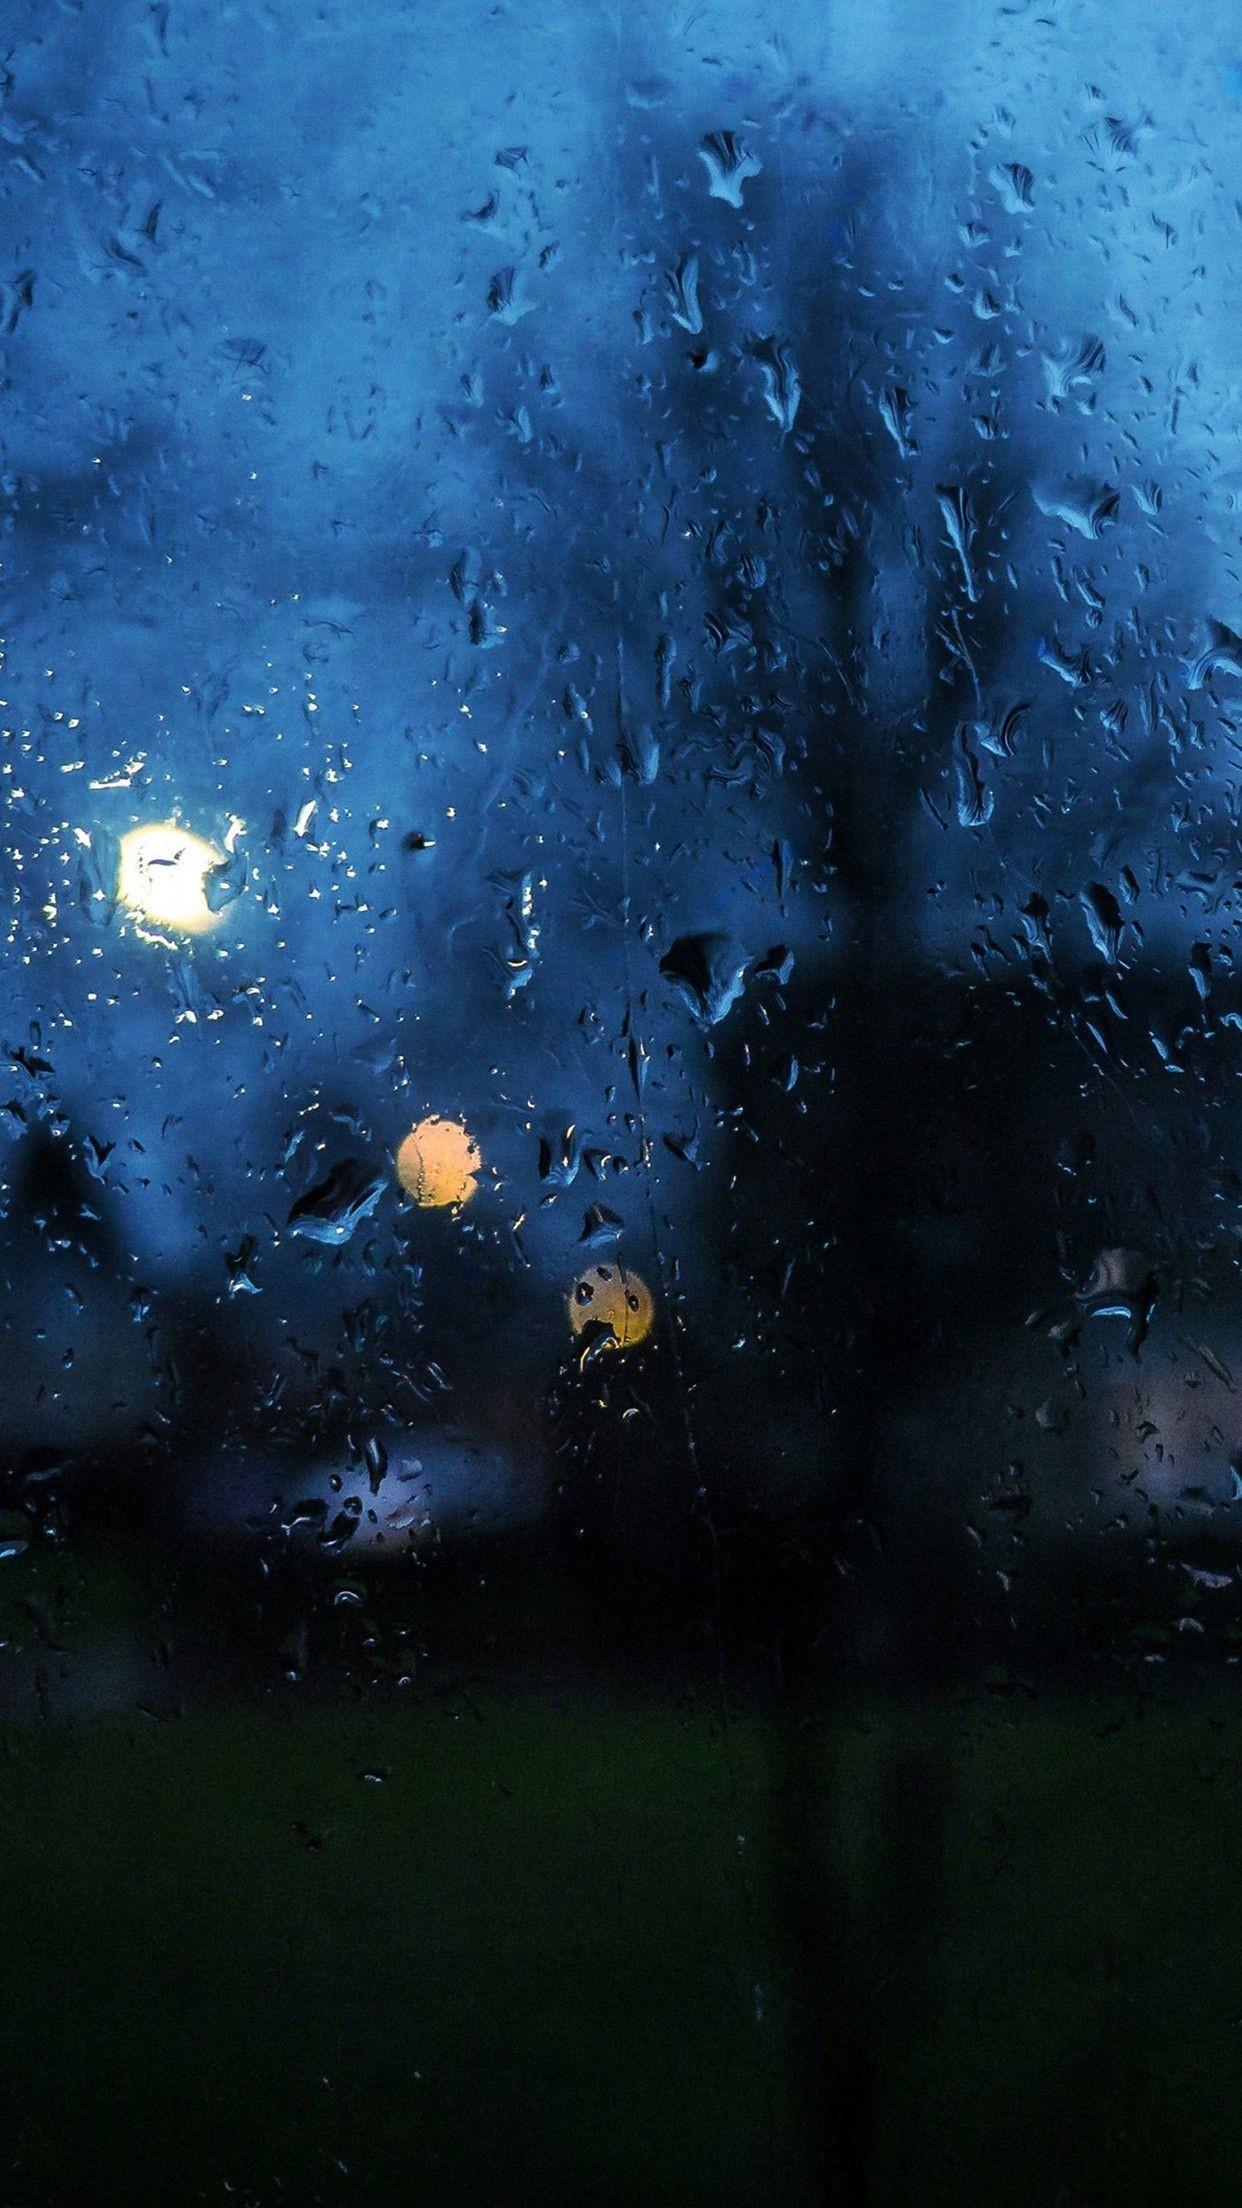 Rain Window Wallpaper 73 Pictures